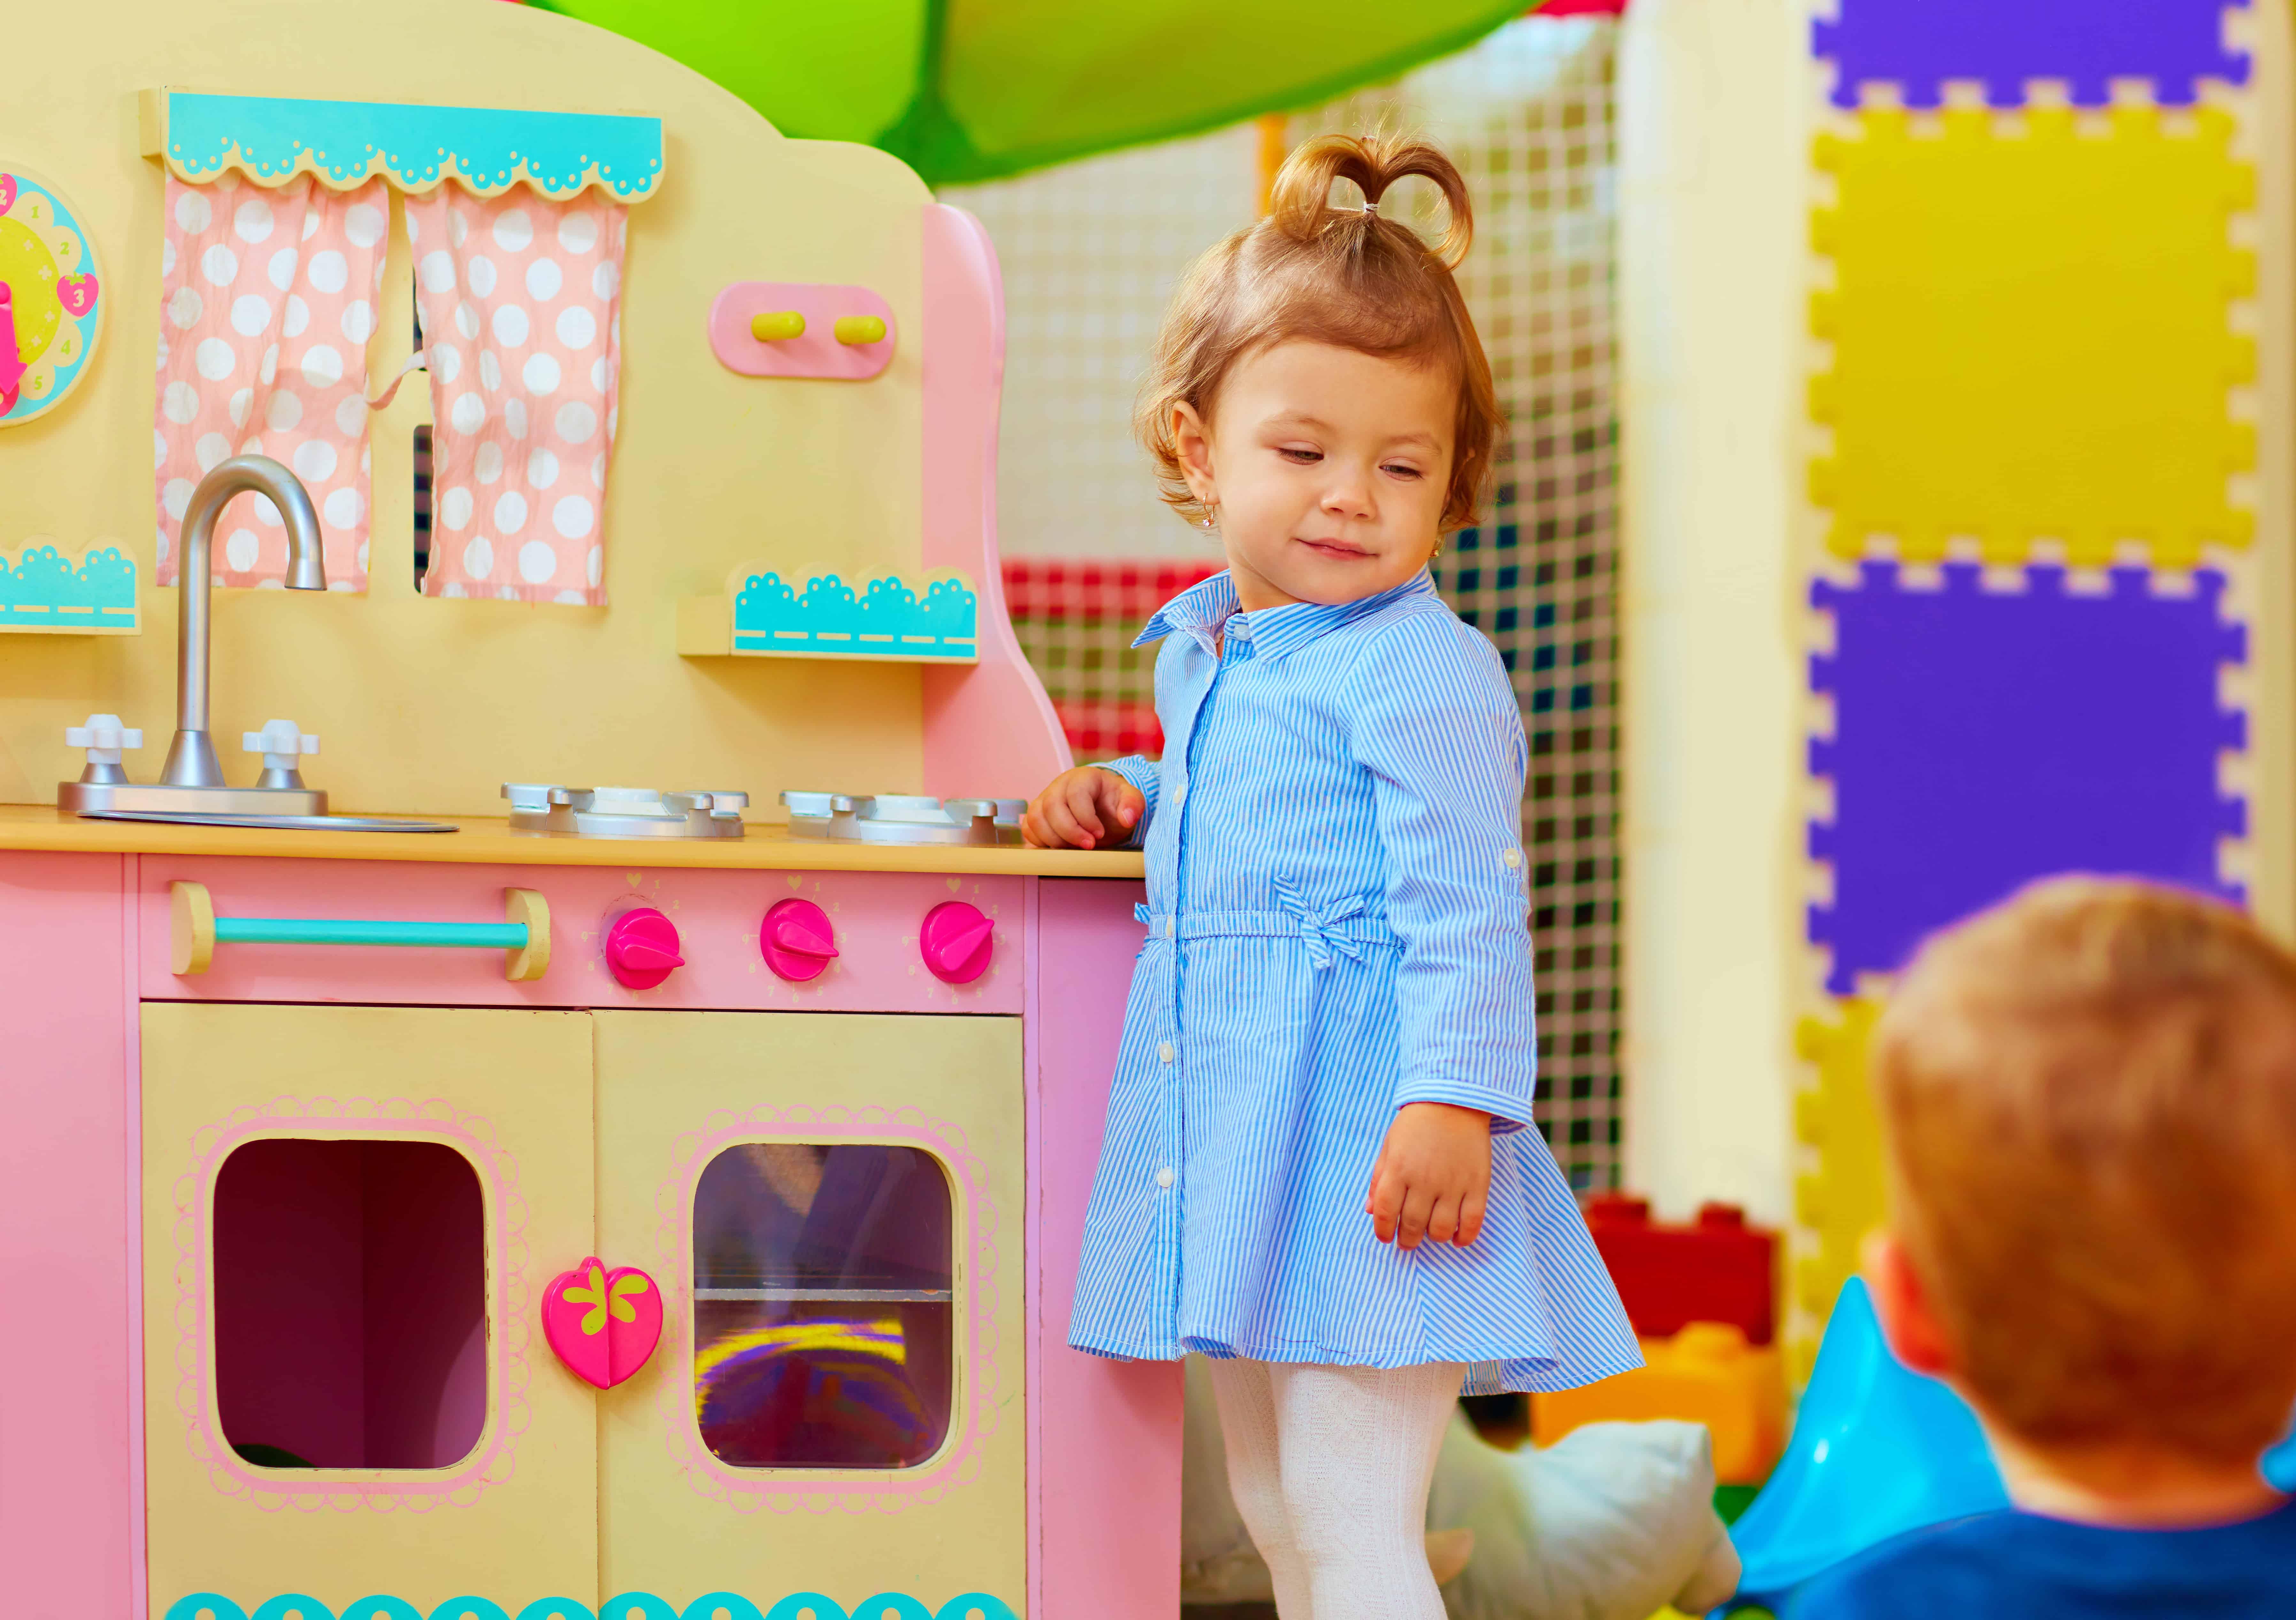 Menina e cozinha de brinquedo.